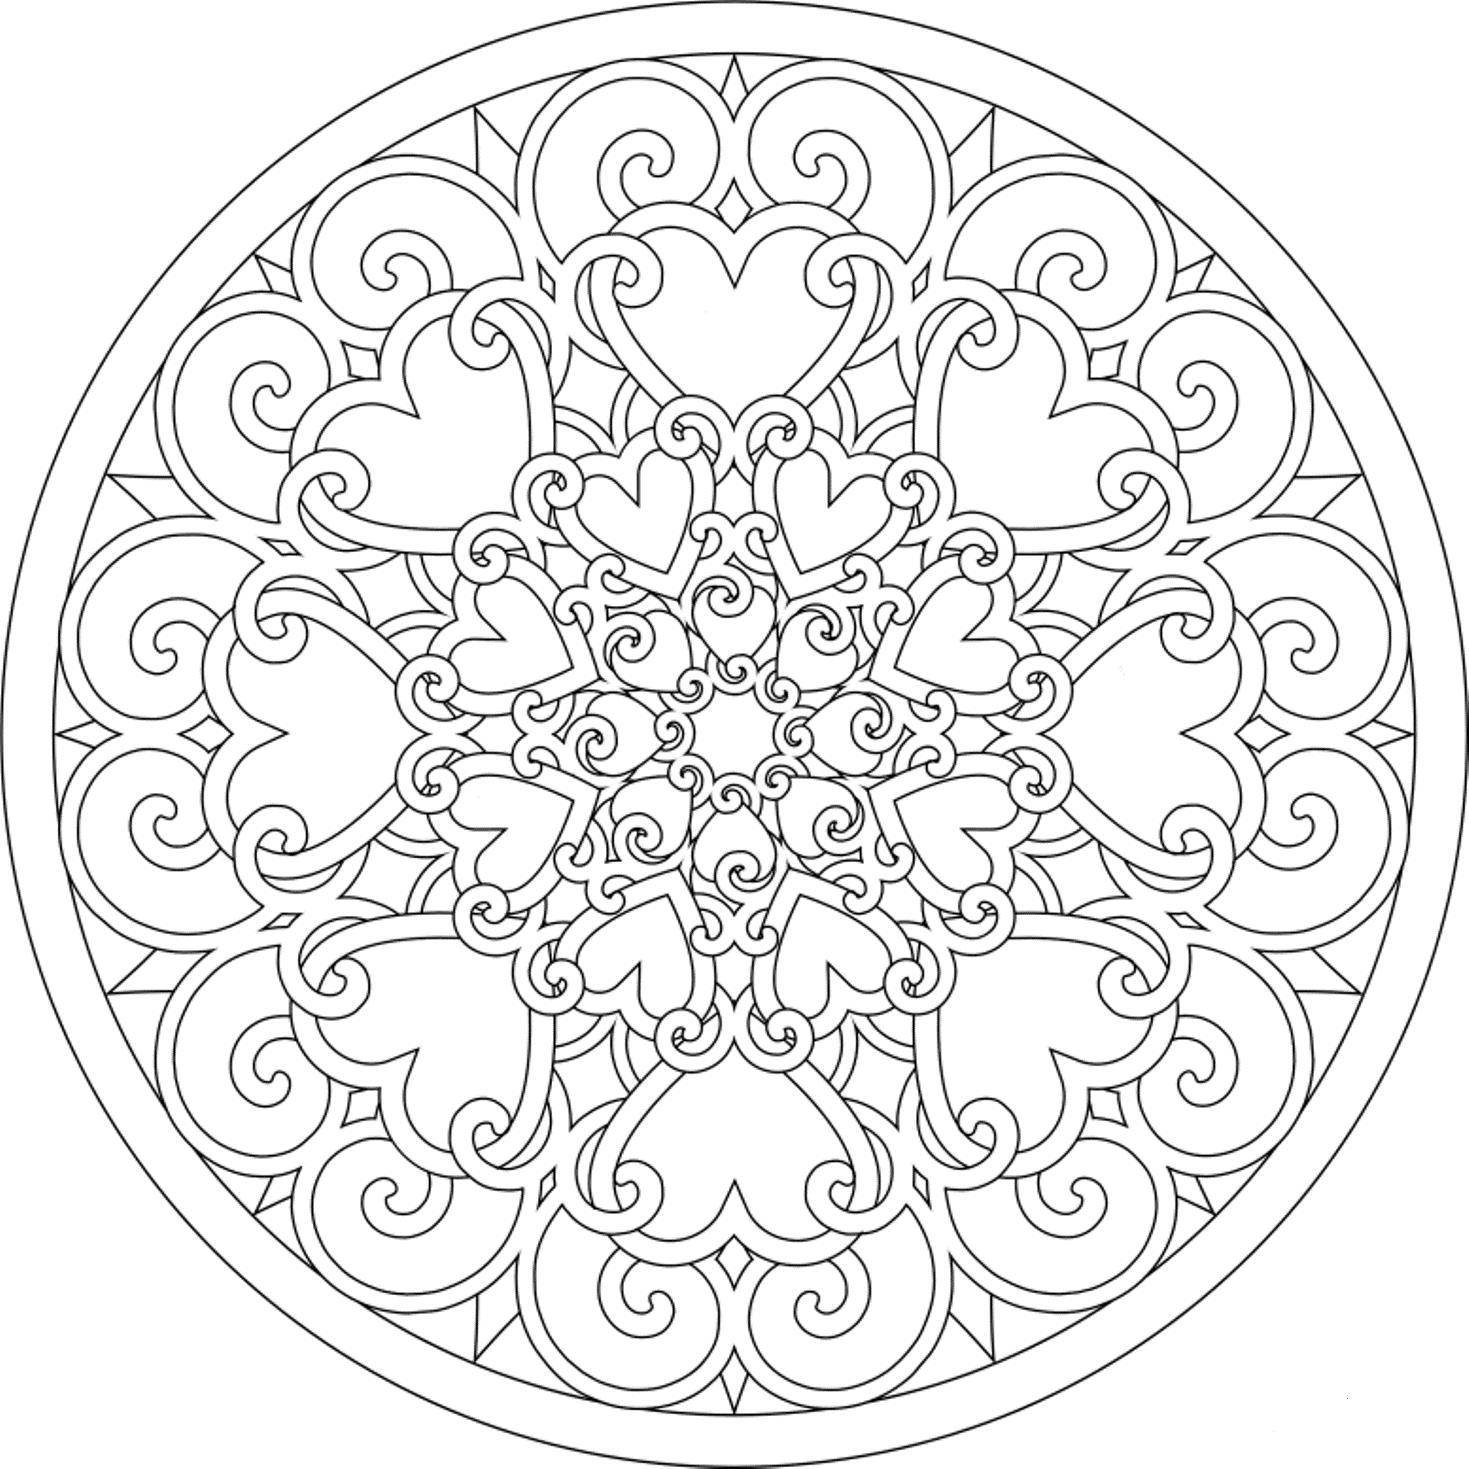 Узор в круге из соединенных между собой сердец Новые раскраски с цветами